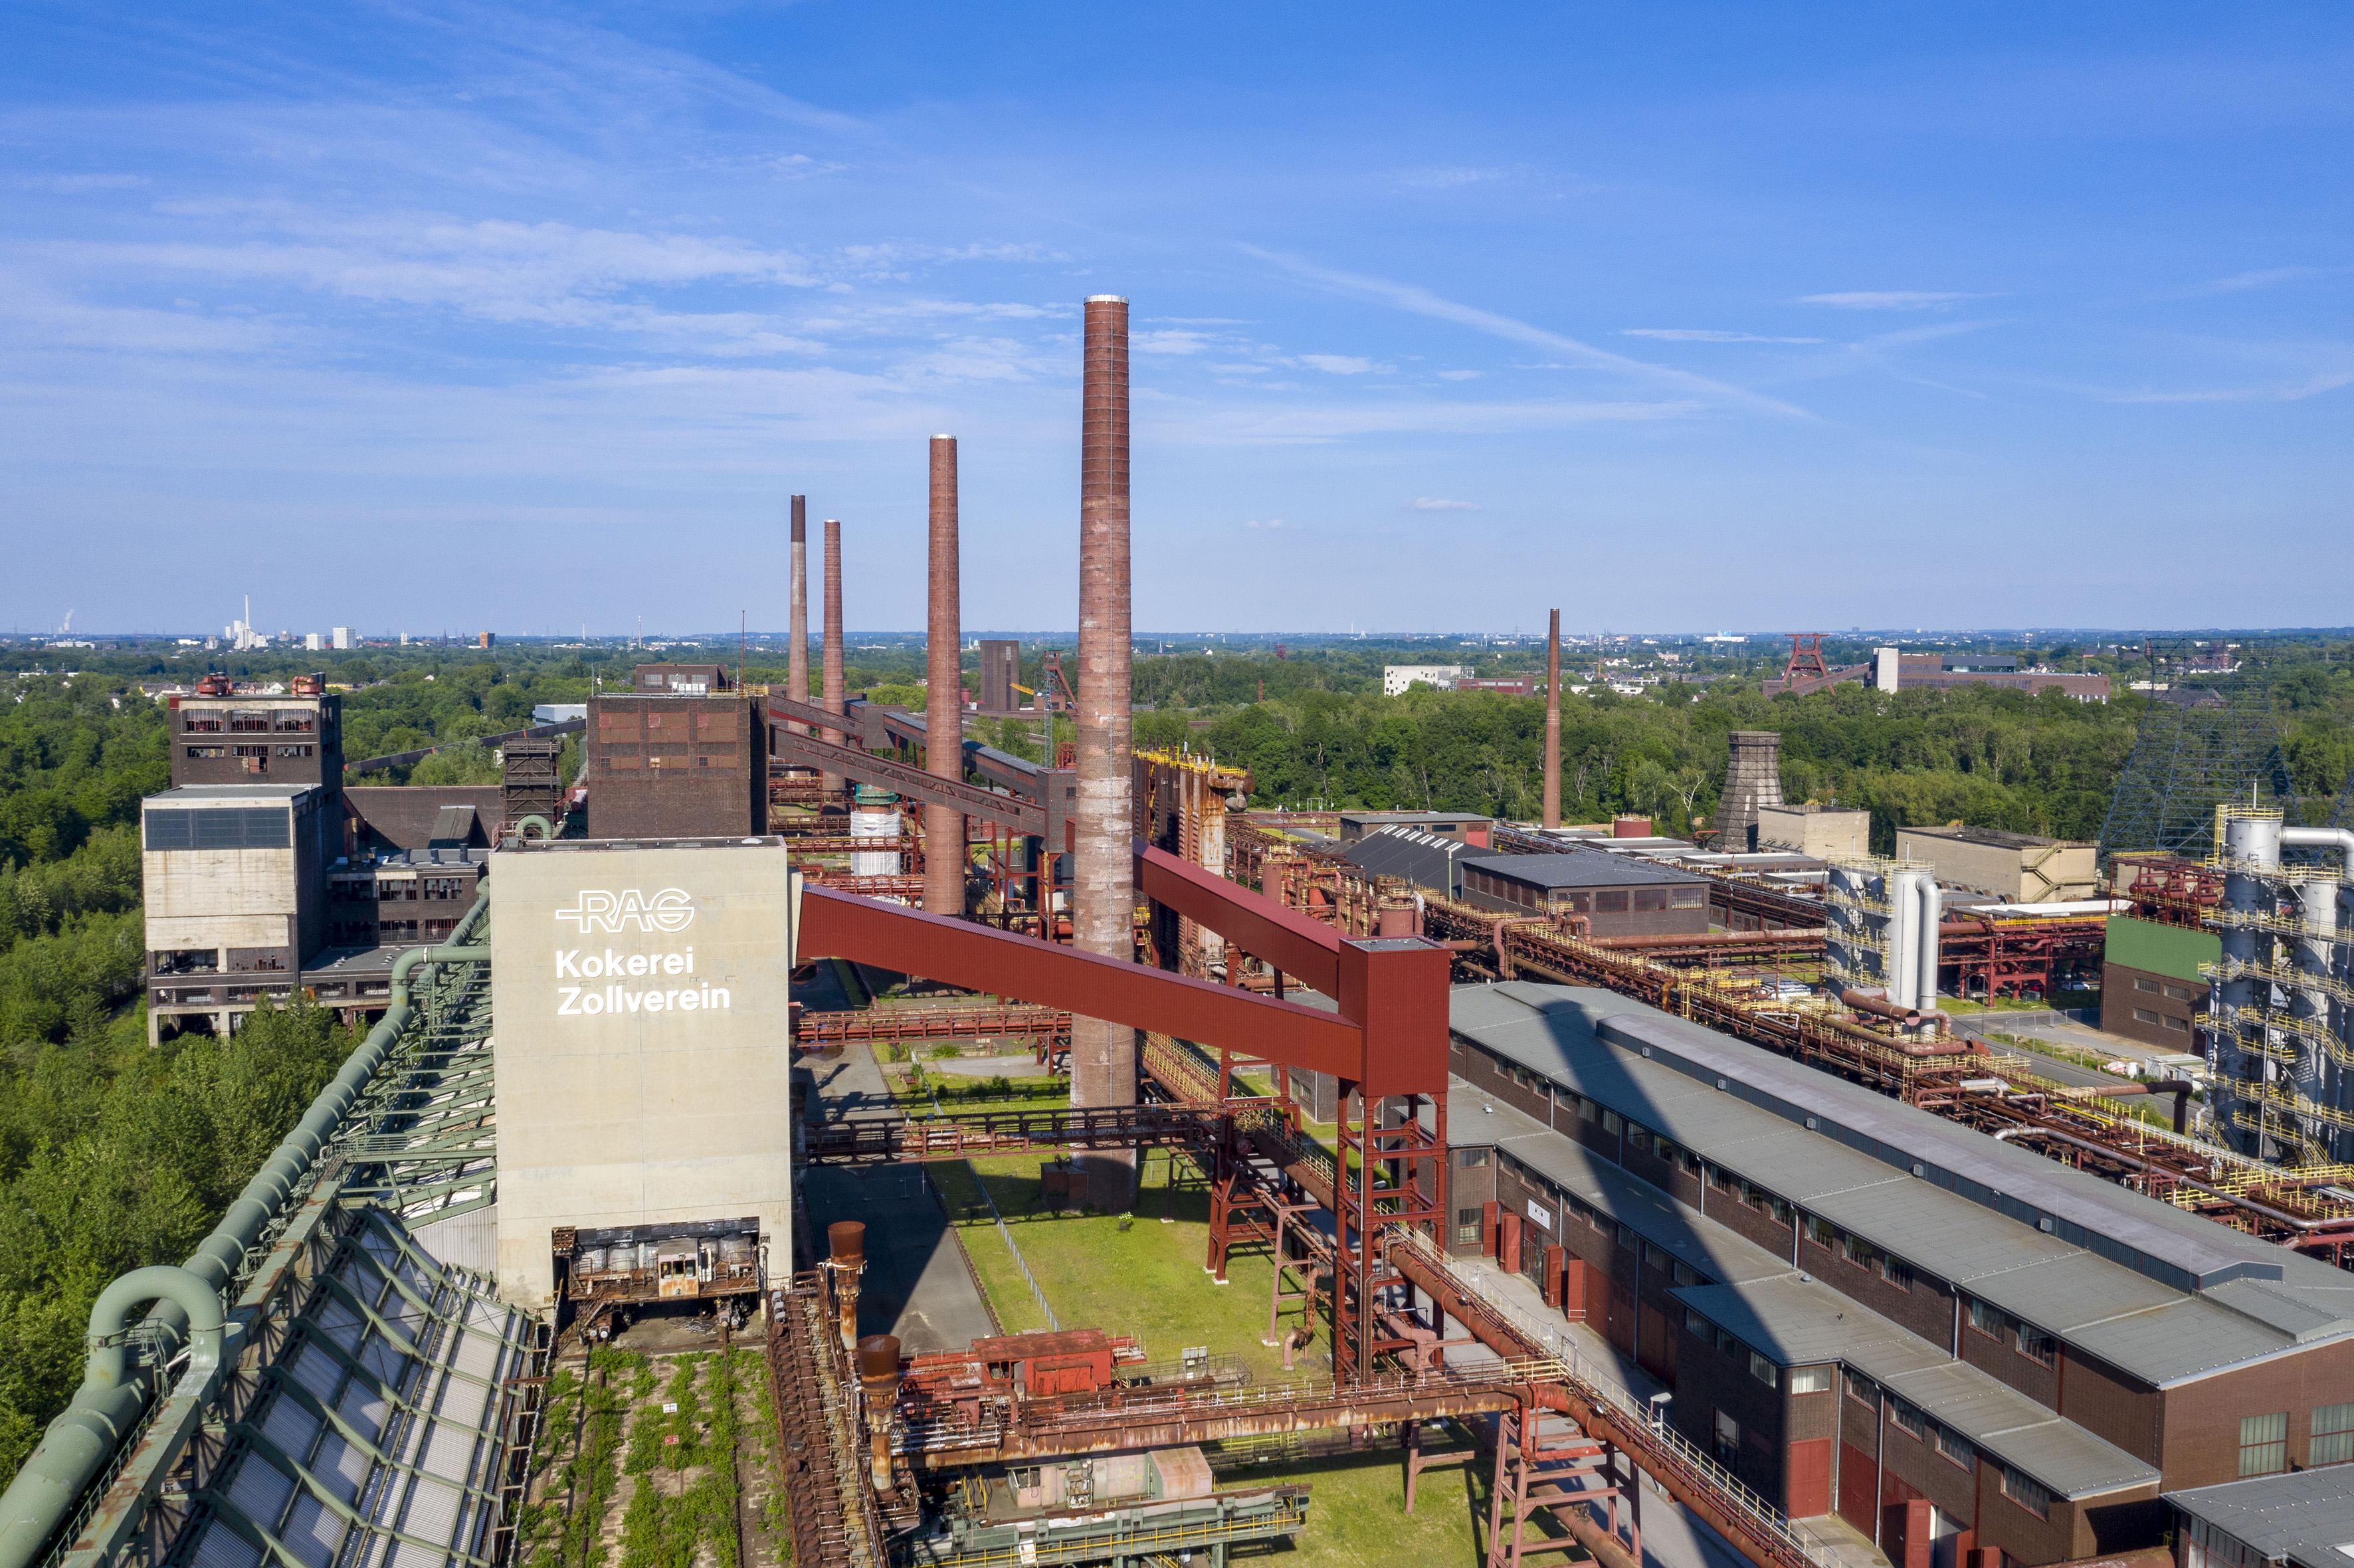 Luftaufnahme der Kokerei Zollverein, Foto: Jochen Tack © Stiftung Zollverein